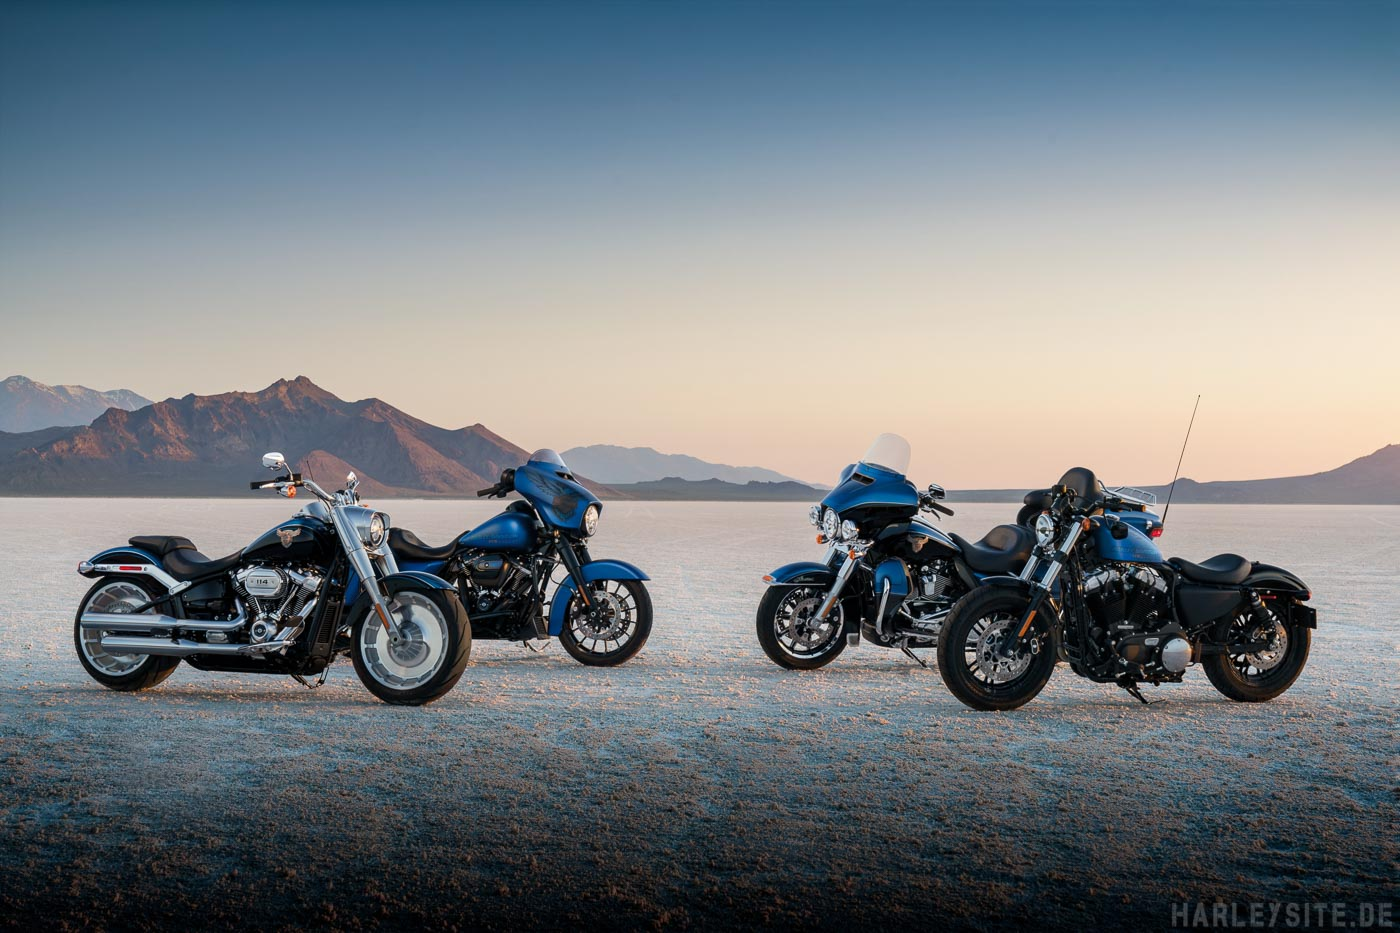 Harley-Davidson feiert sein 115-jähriges Jubiläum und bringt neue 115th Anniversary Sondermodelle